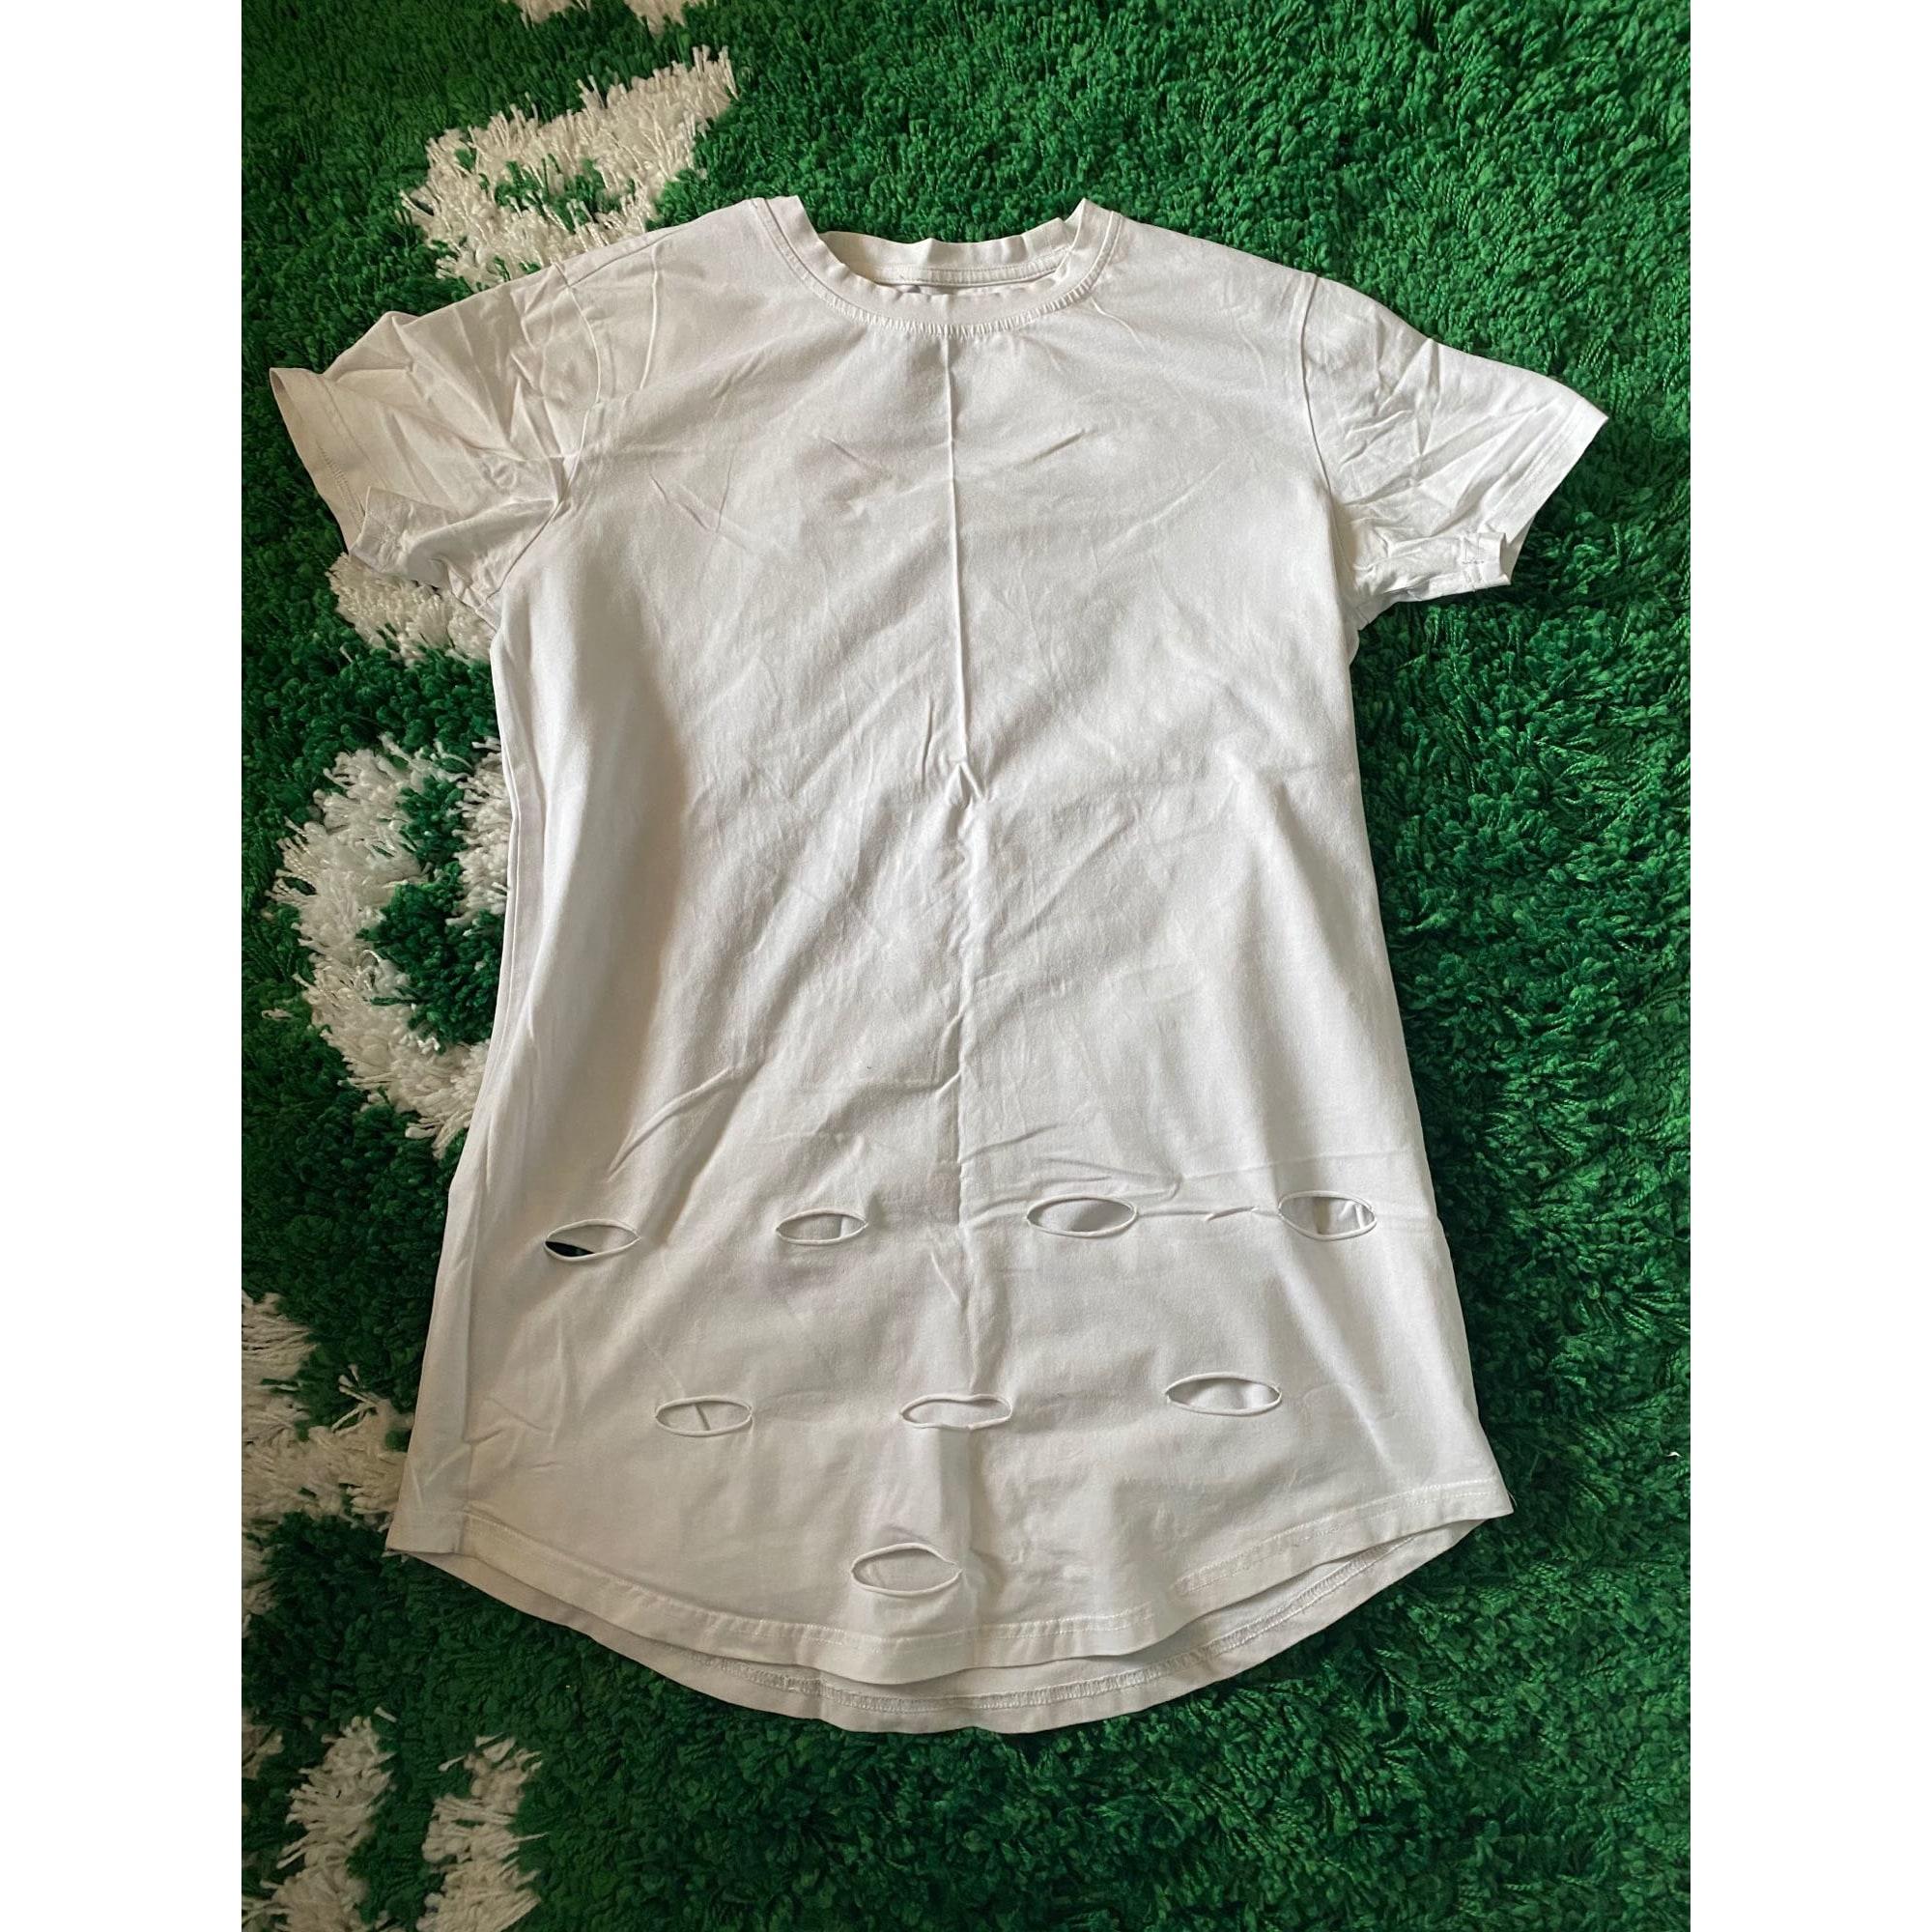 Tee-shirt PROJECT X Blanc, blanc cassé, écru